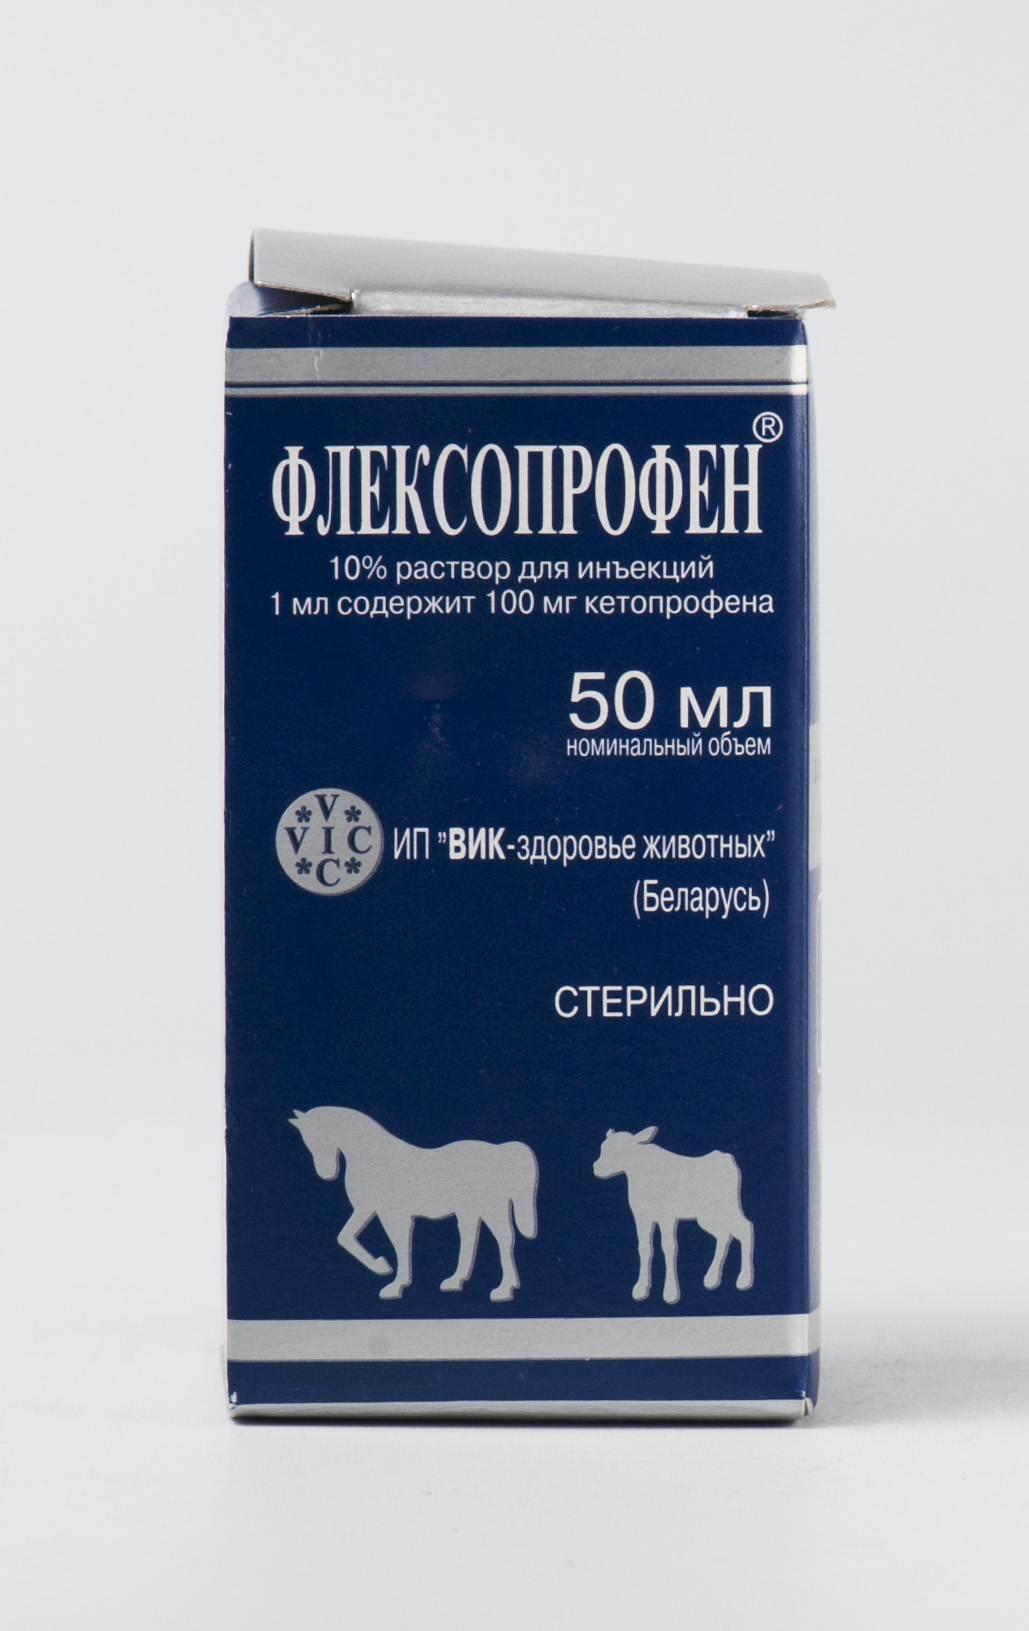 Флексопрофен 2 - купить, цена и аналоги, инструкция по применению, отзывы в интернет ветаптеке добропесик